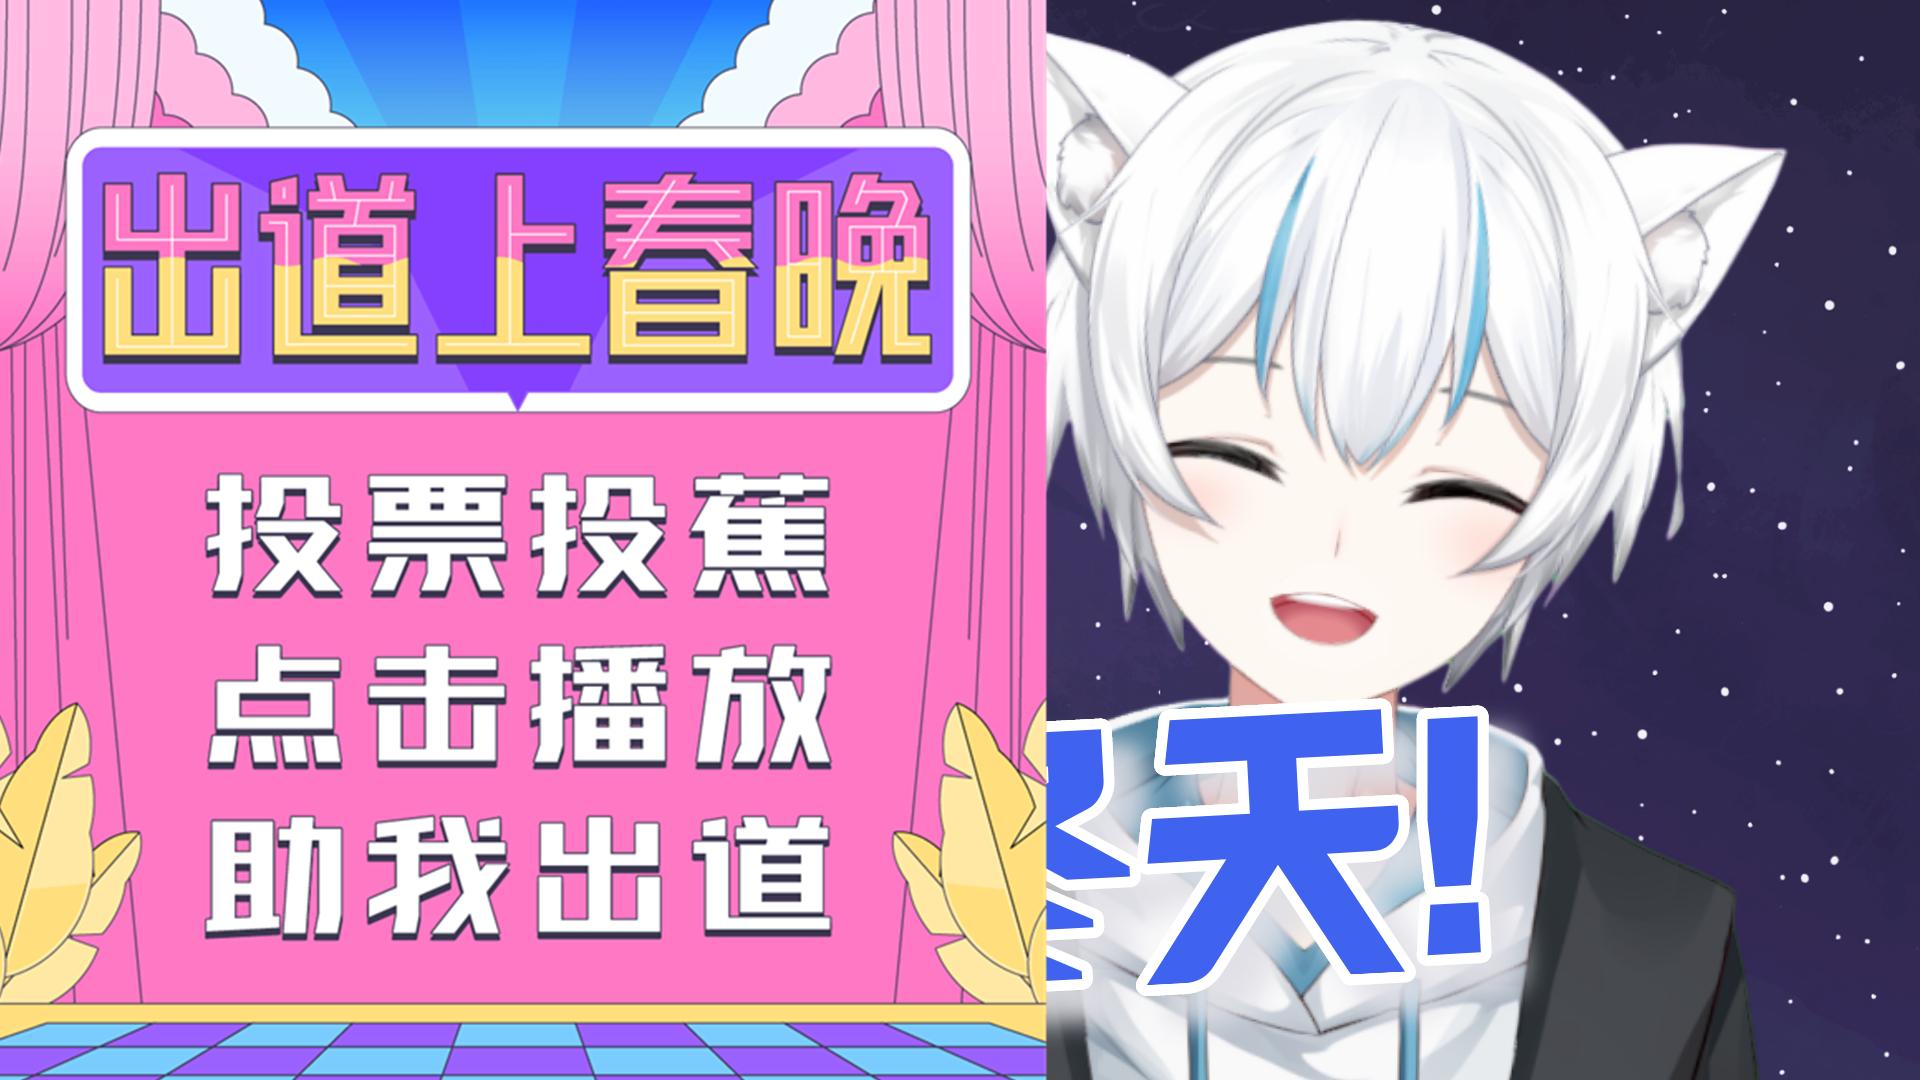 【踢馆出道上春晚】1022!